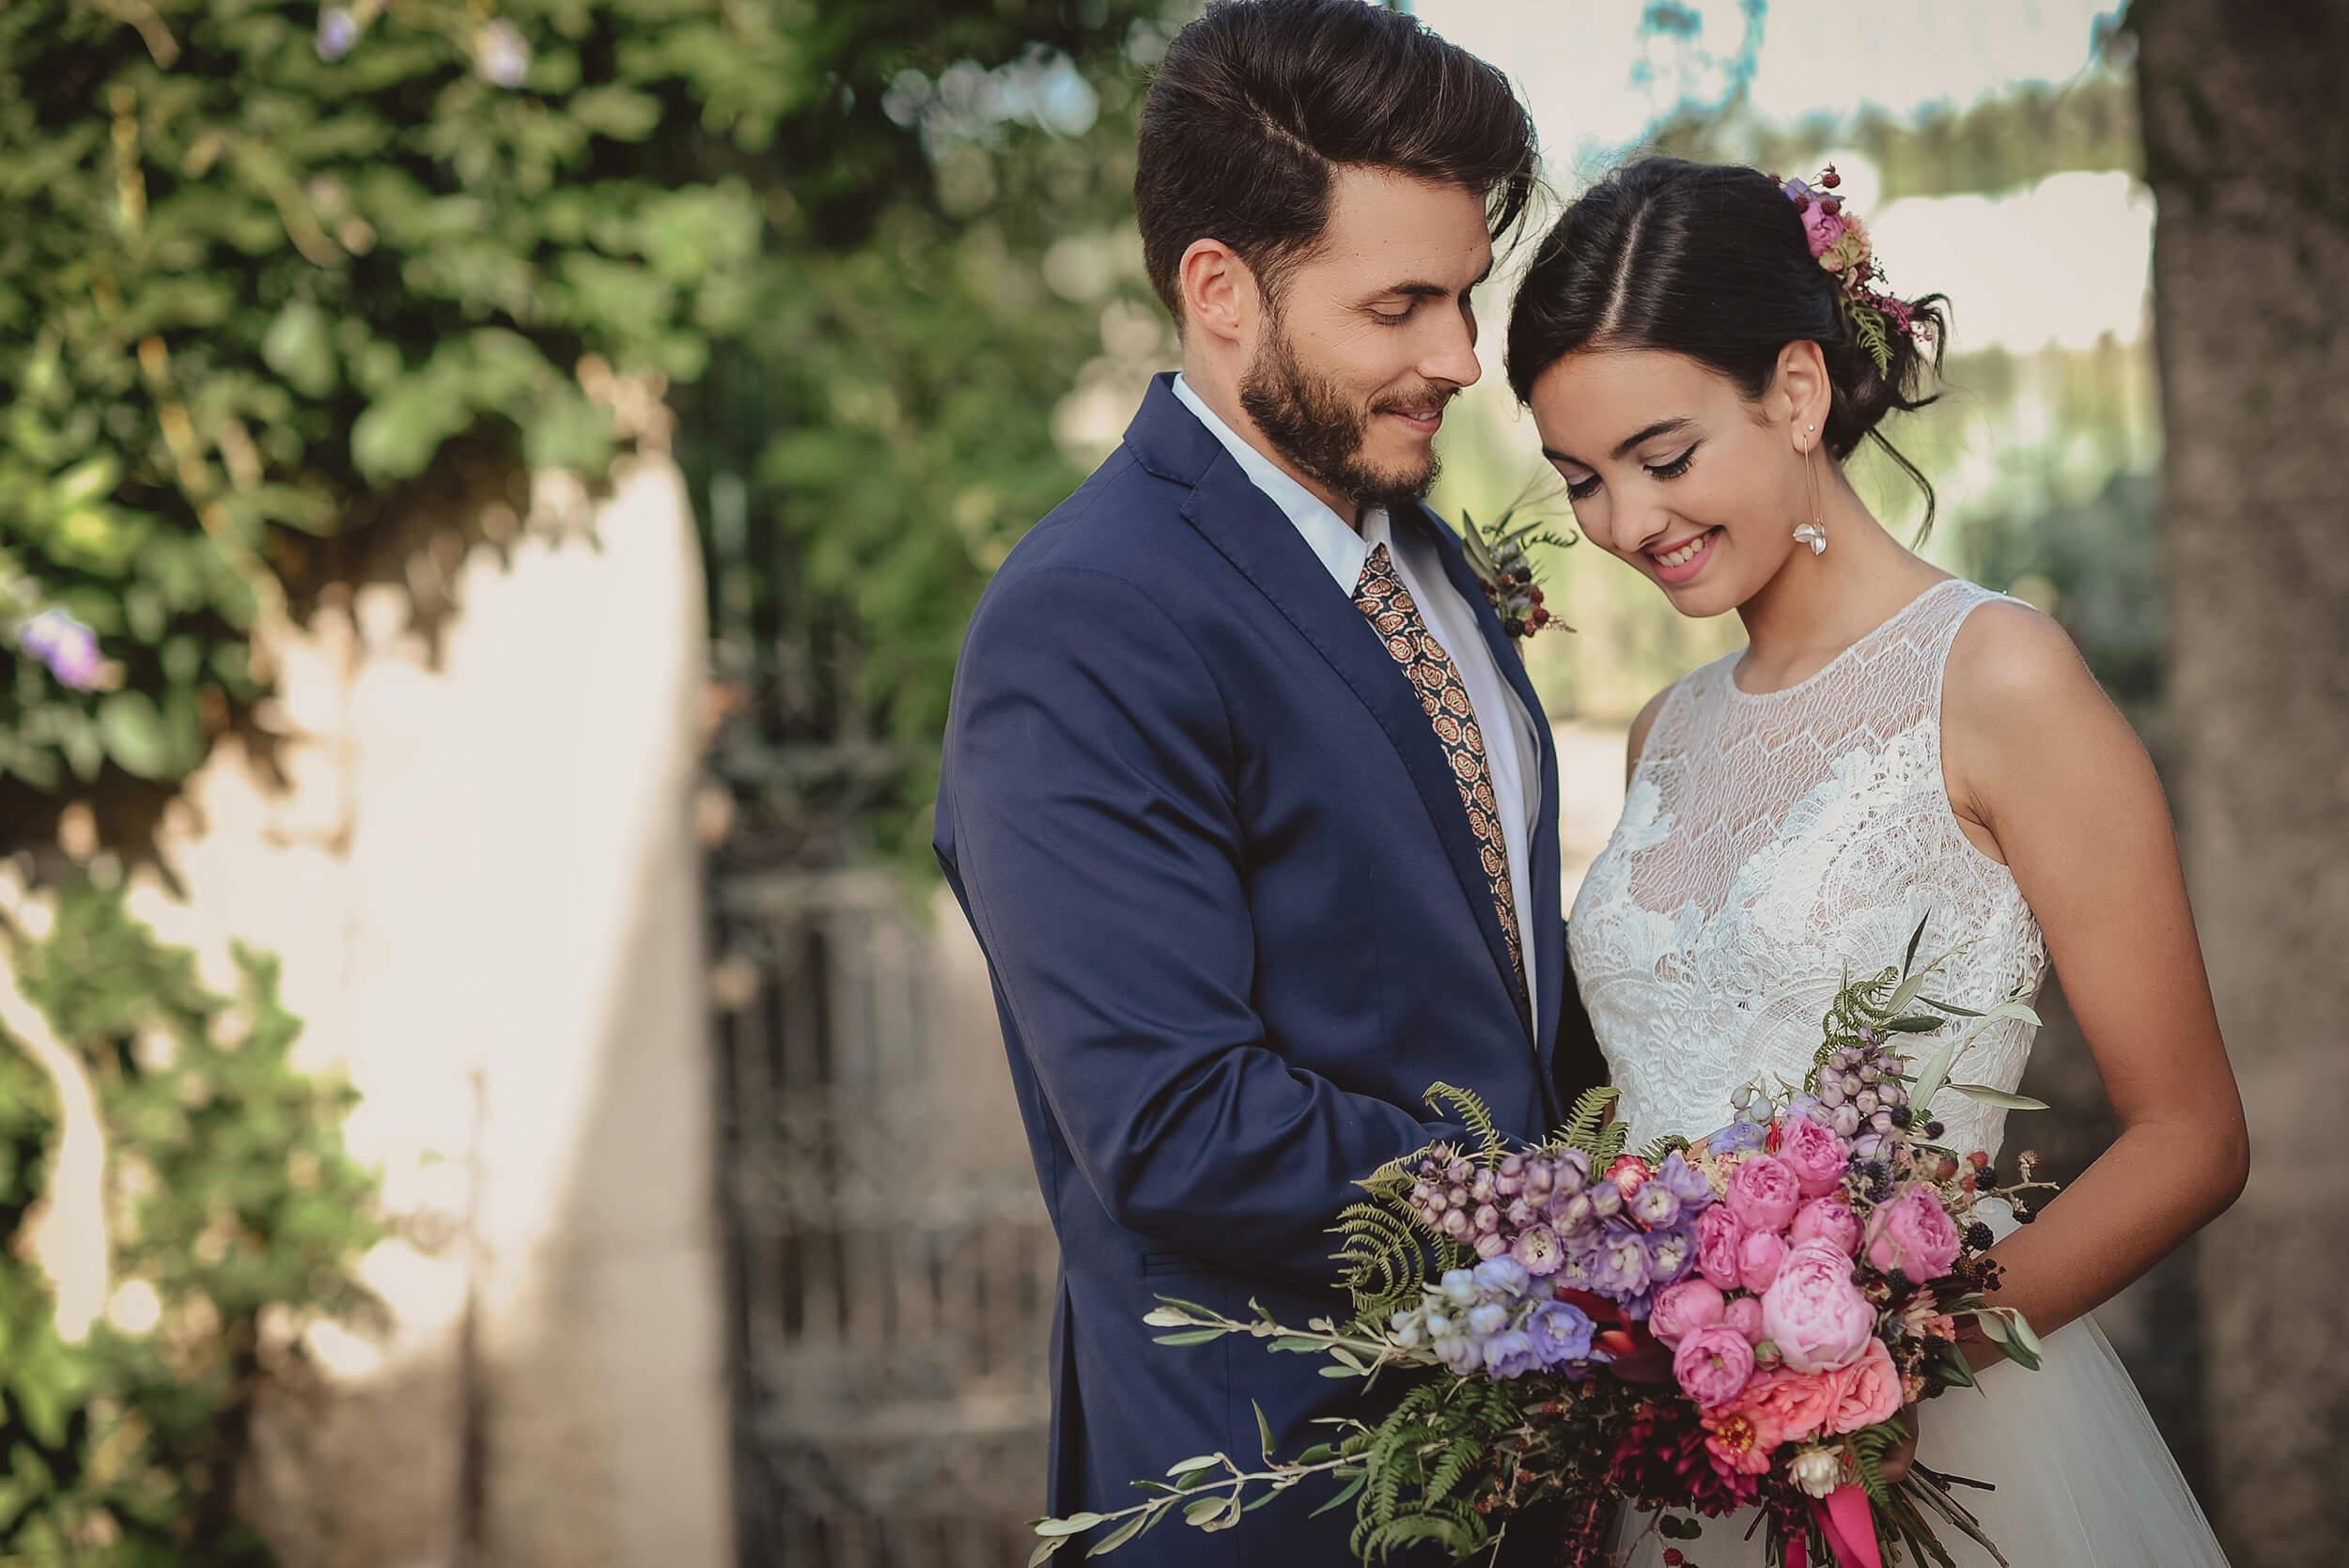 roma-organizacao-eventos-editorial-casamento-colorful-wedding-26